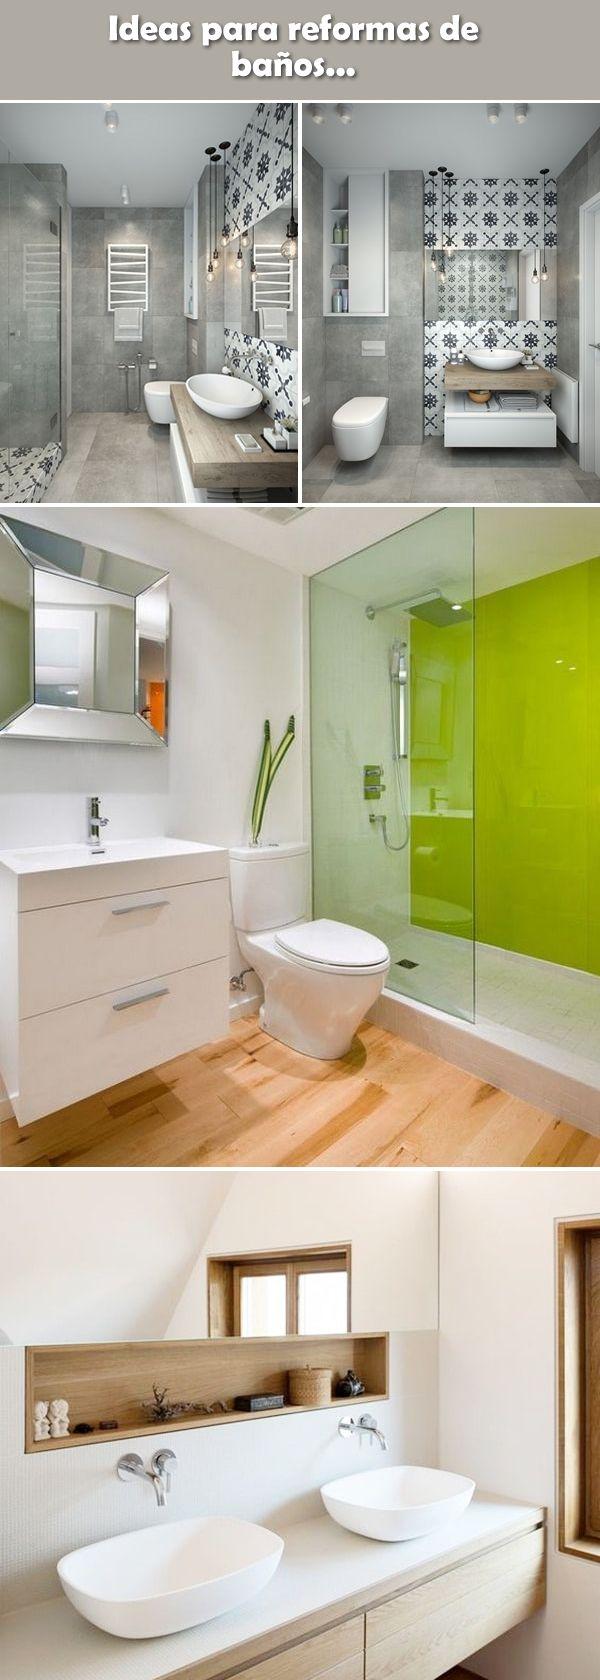 Reformas de baño. Ideas para baños. Paredes de baño. Sueños para cuartos de baño. Sanitarios y accesorios de baño.